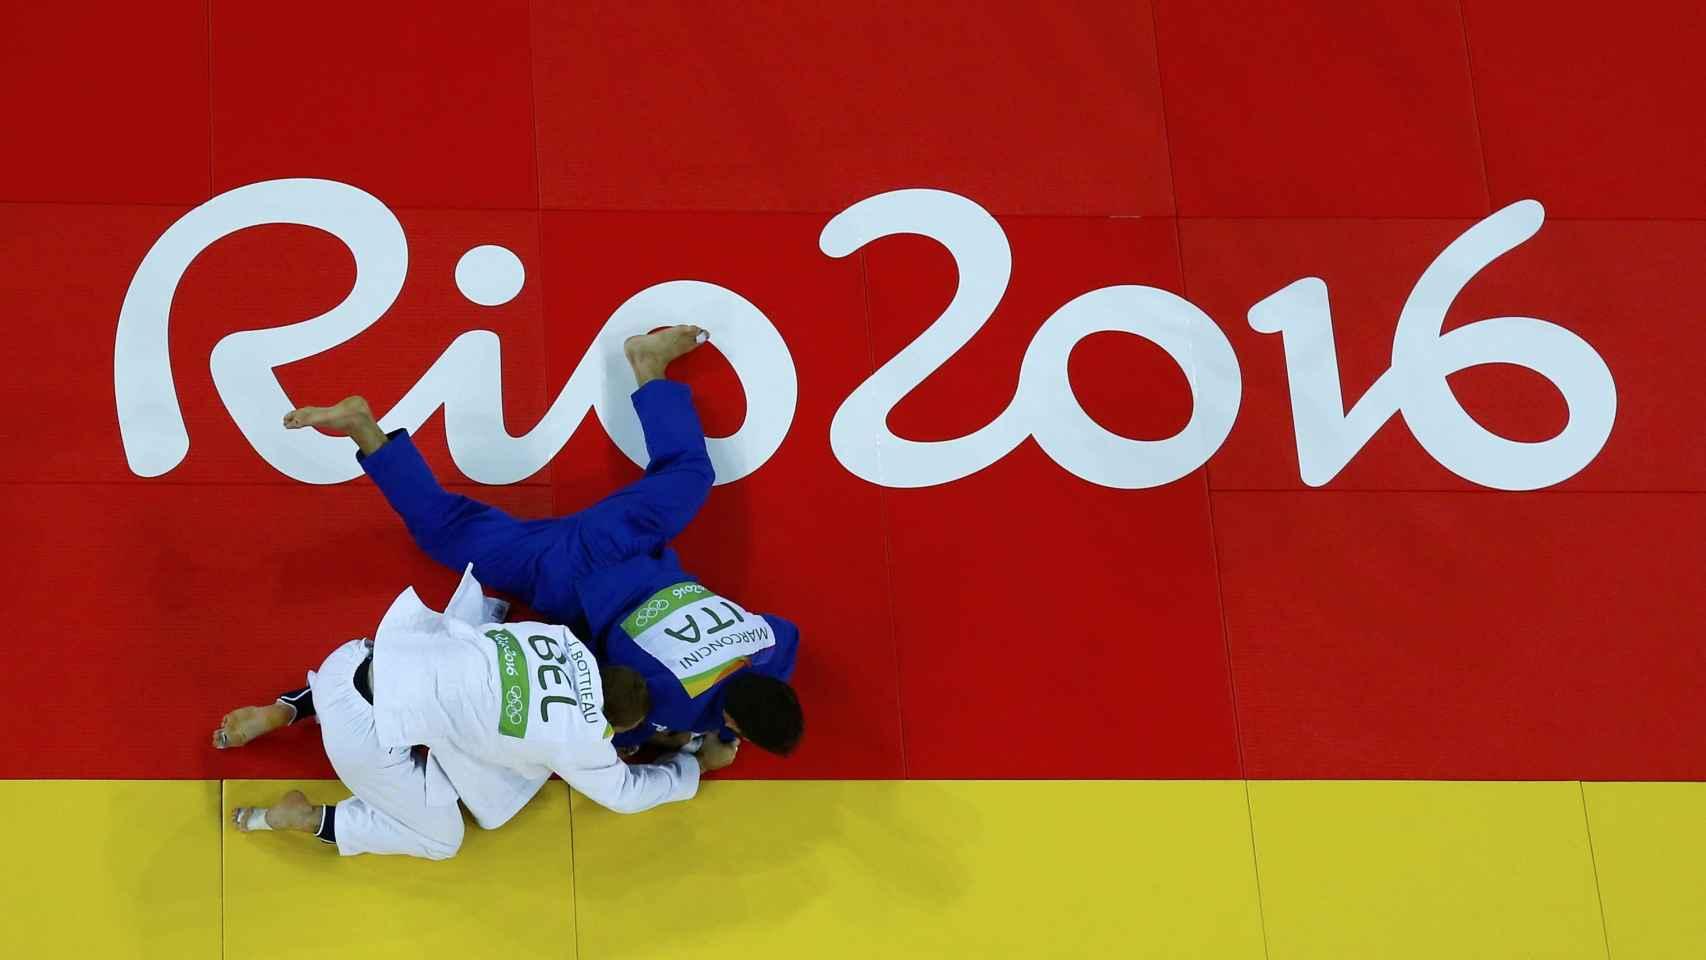 Combate eliminatorio de judo en la categoría de -81 kgs.